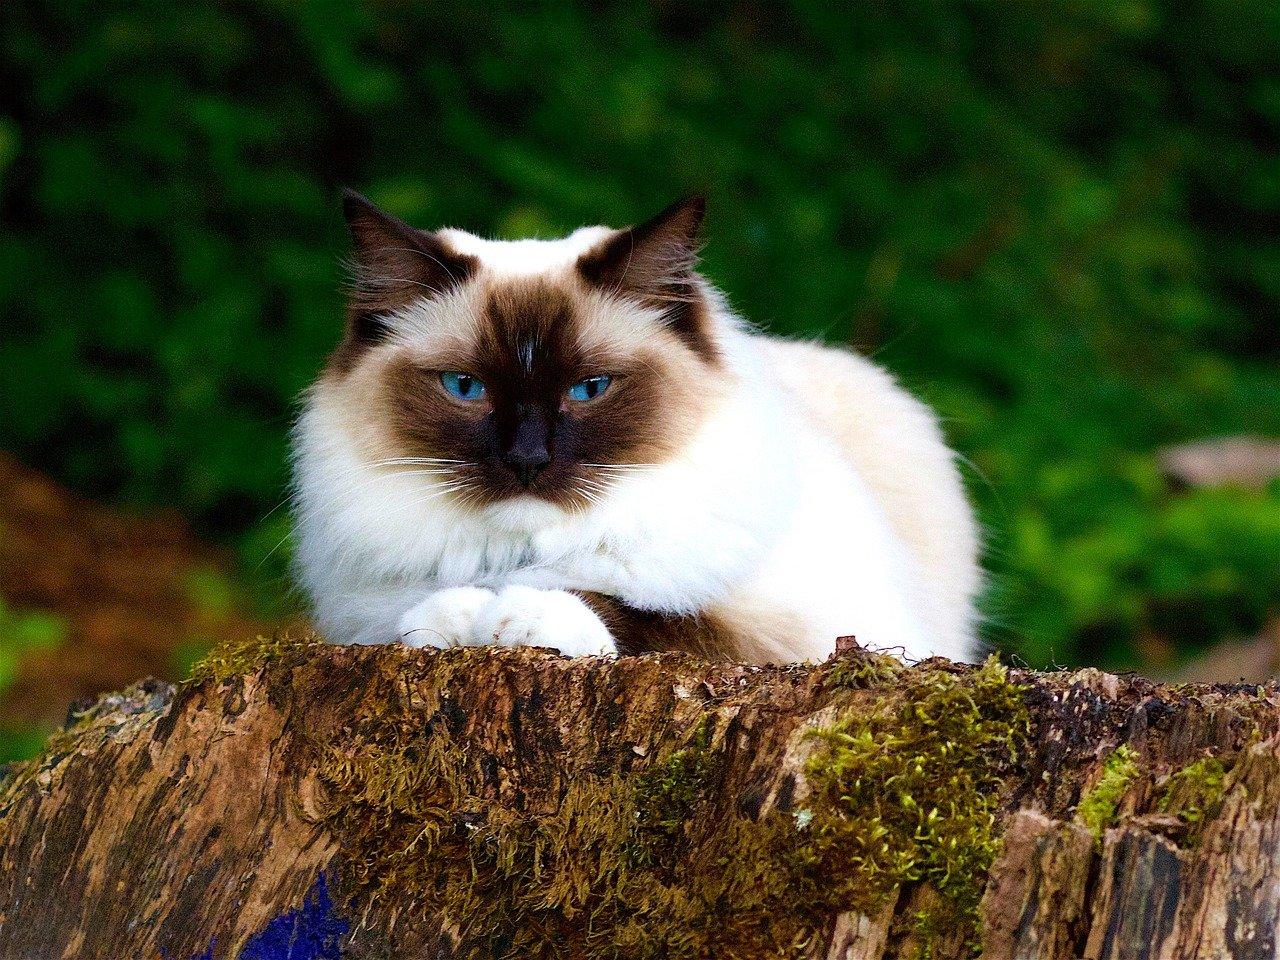 Cat-1615779 1280